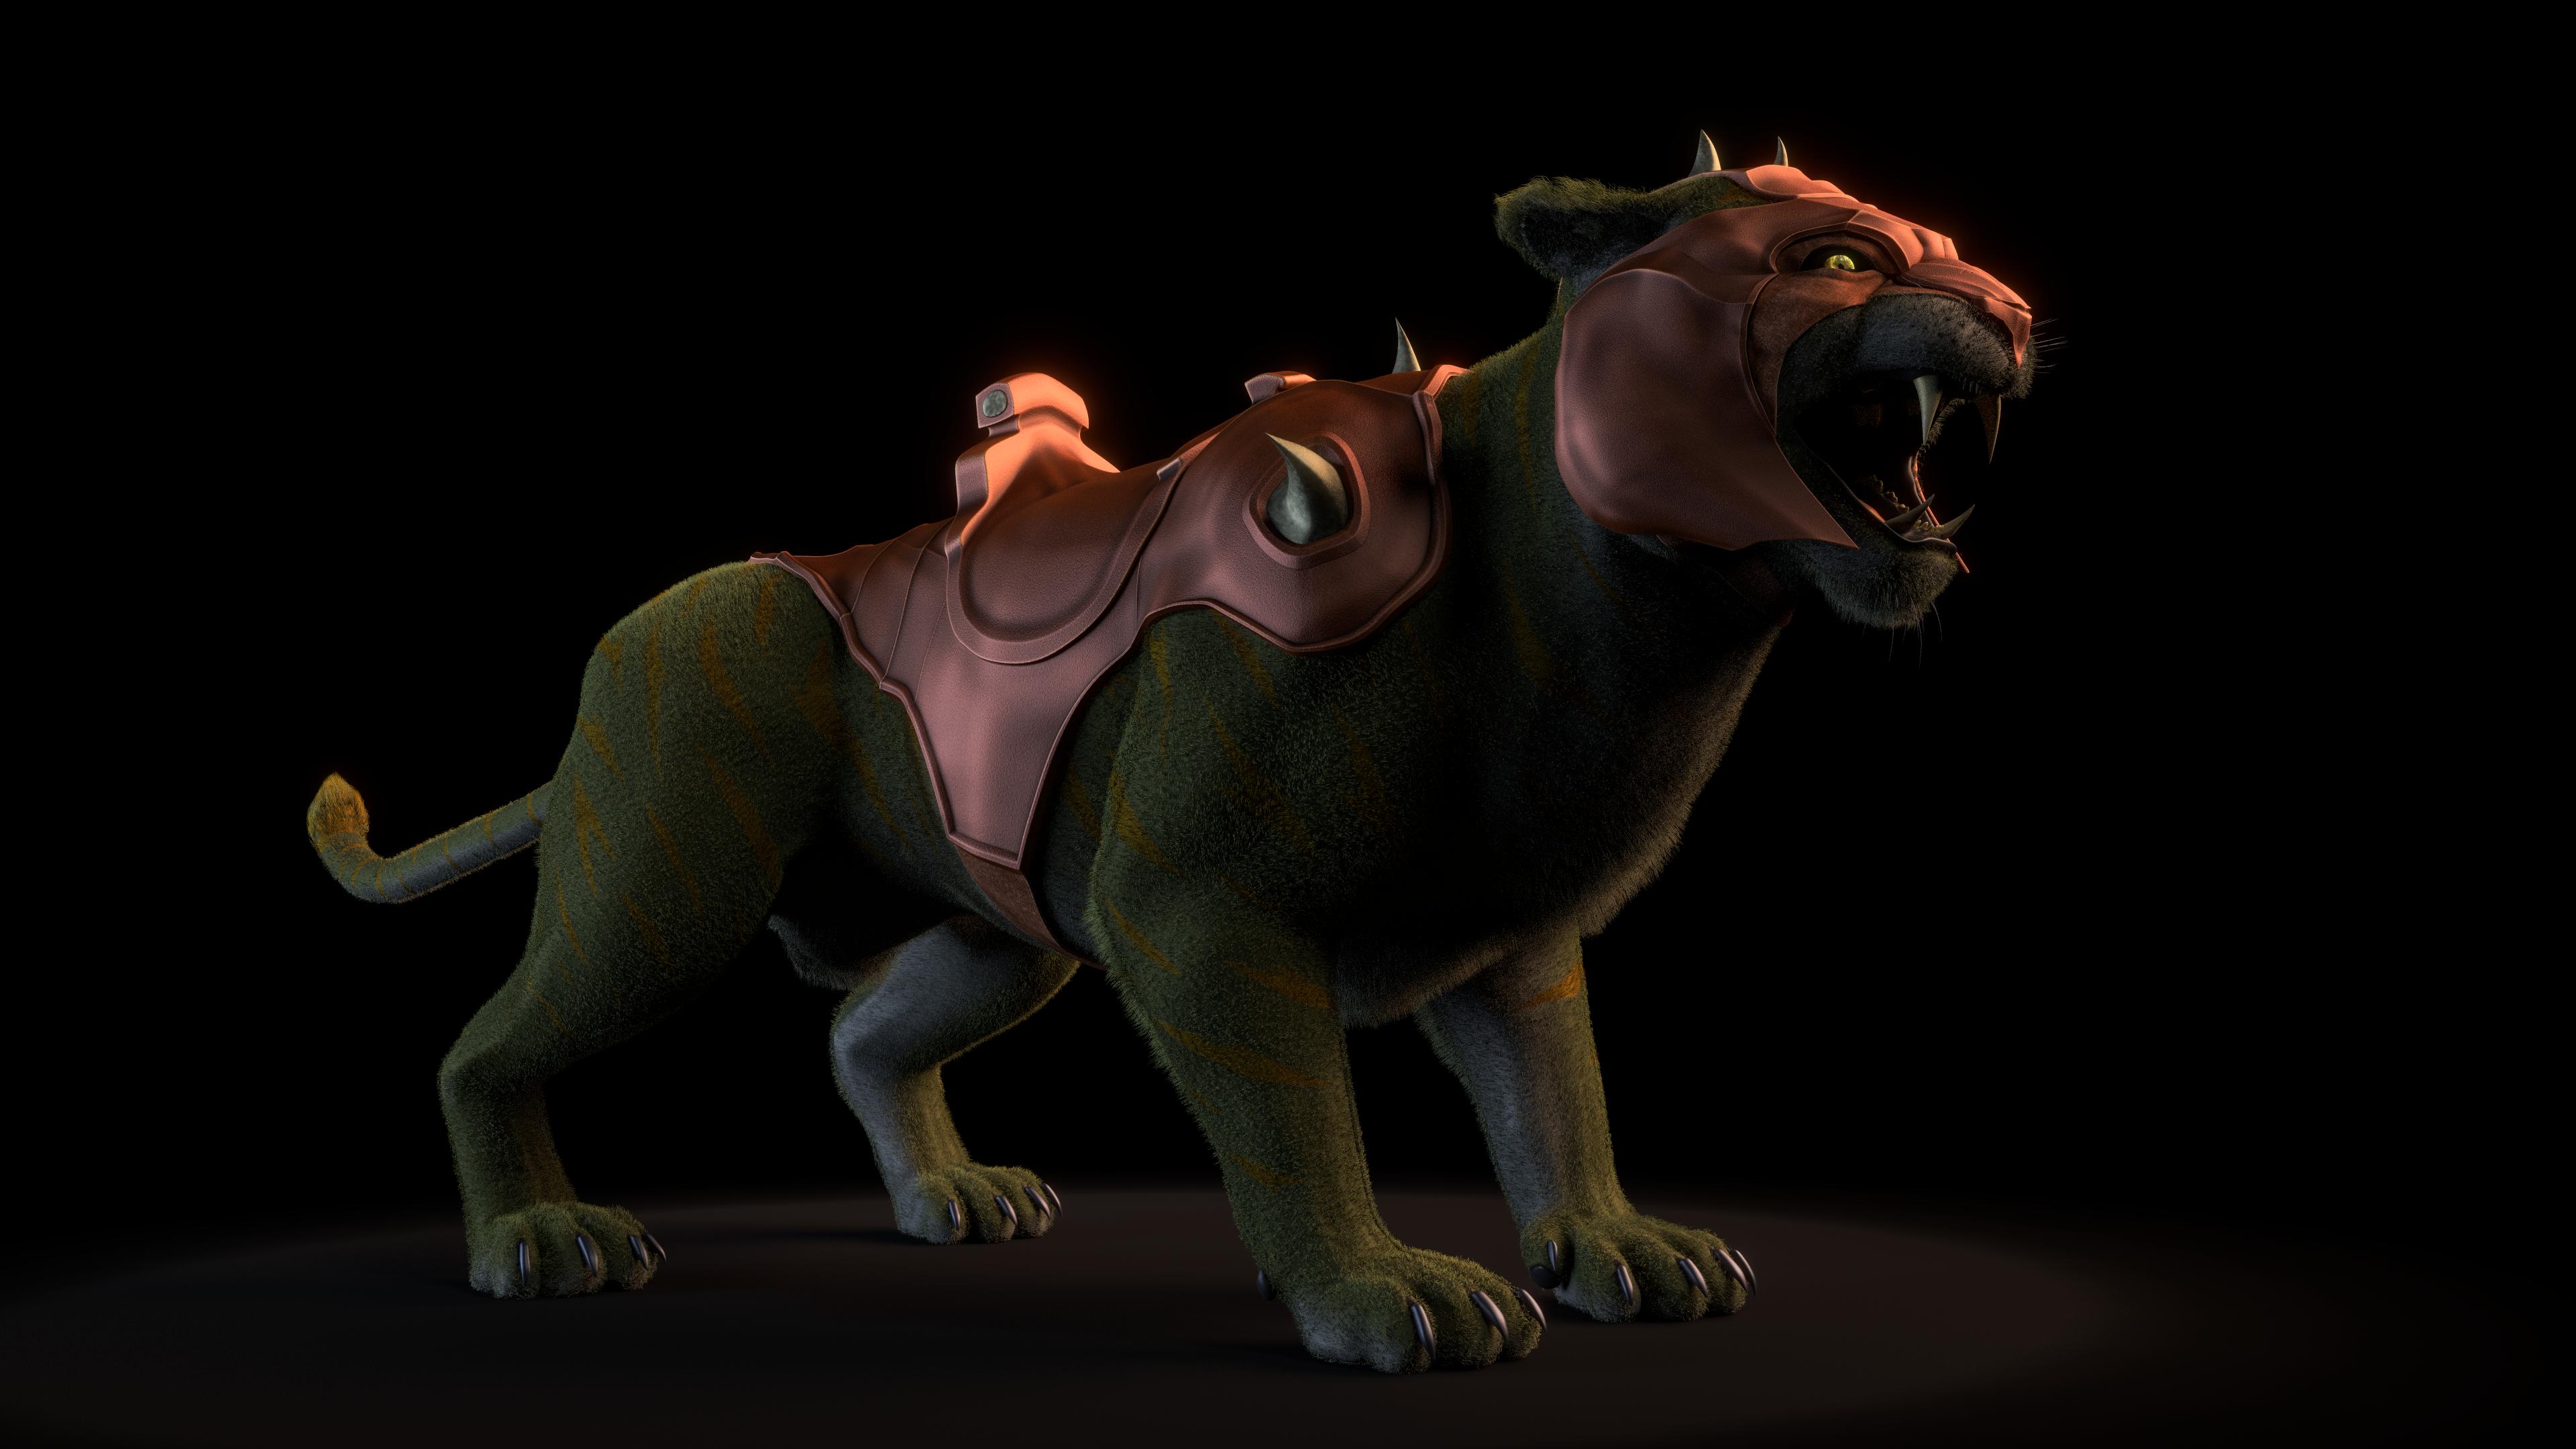 MOTU - Battle Cat - 3 by paulrich